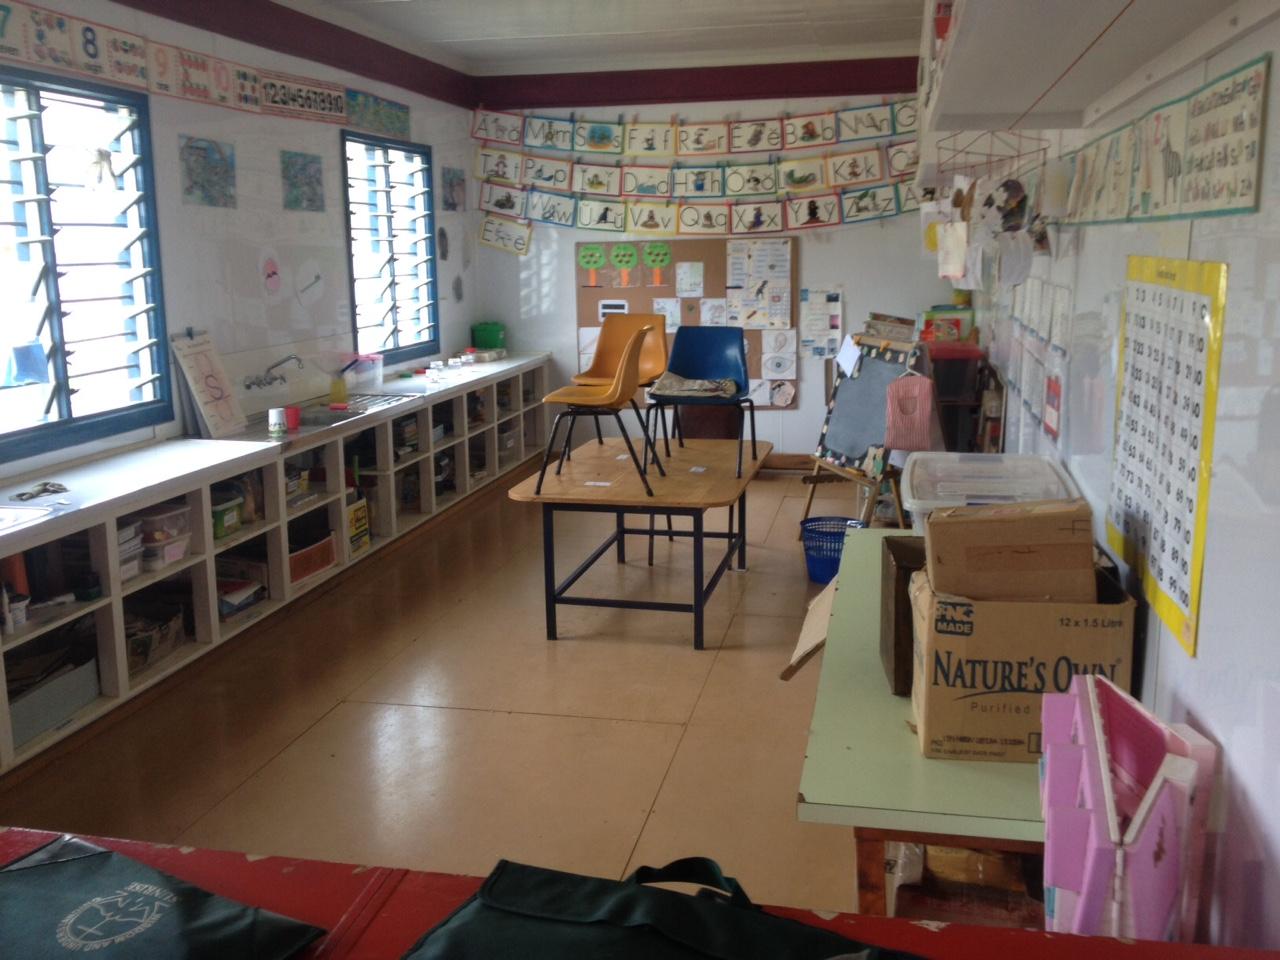 The kindergarten classroom